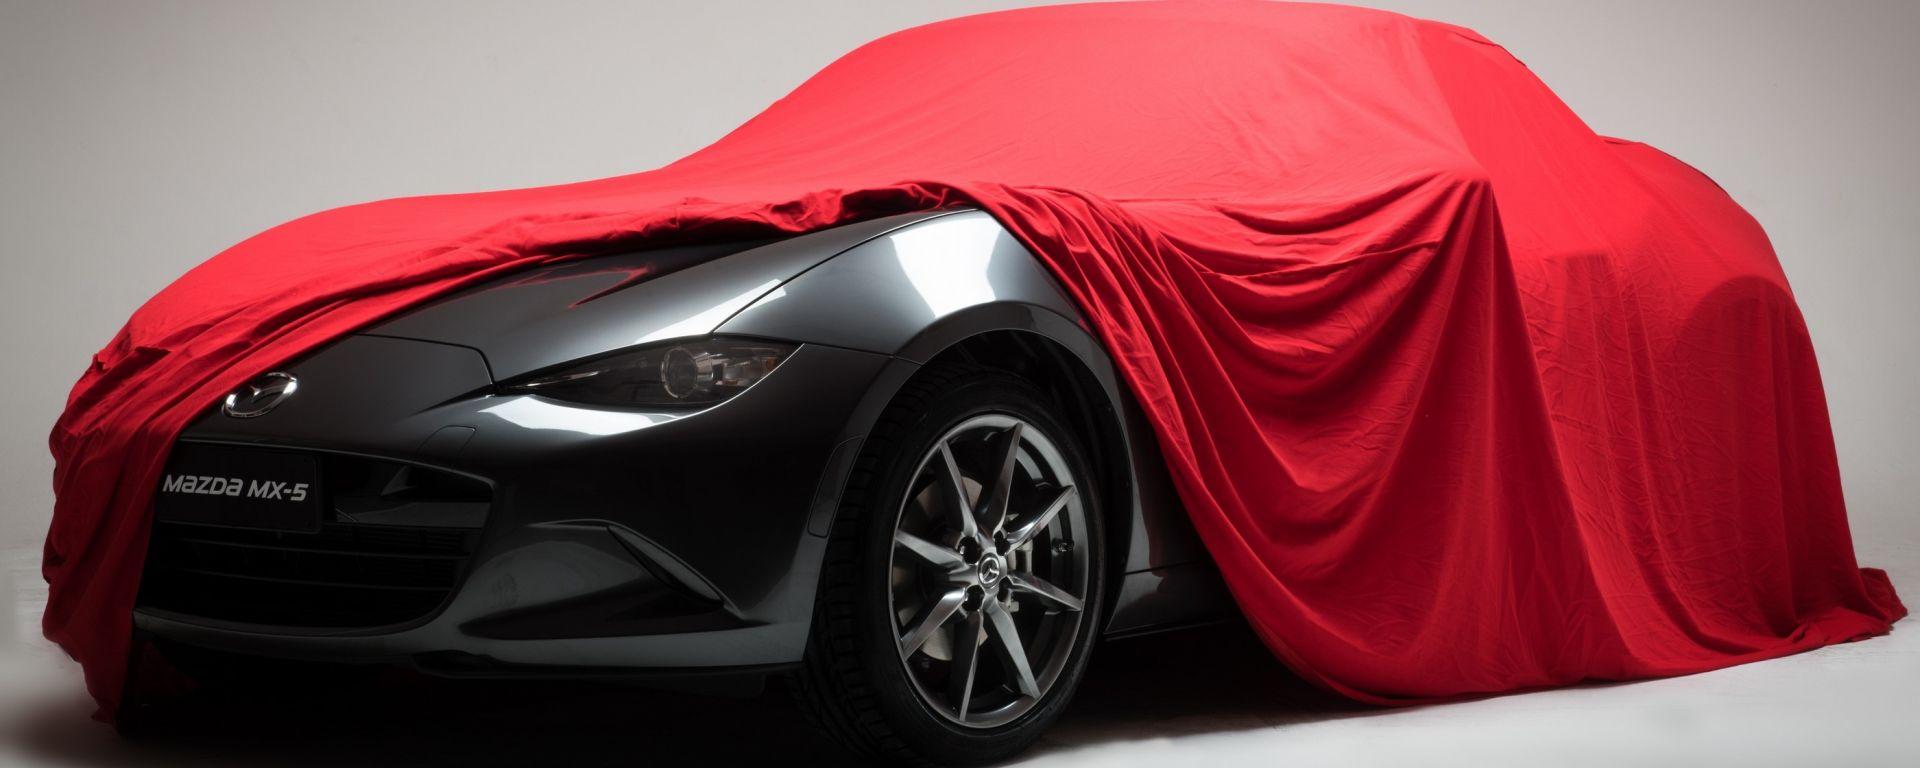 Mazda MX-5 Grand Tour: sì, viaggiare